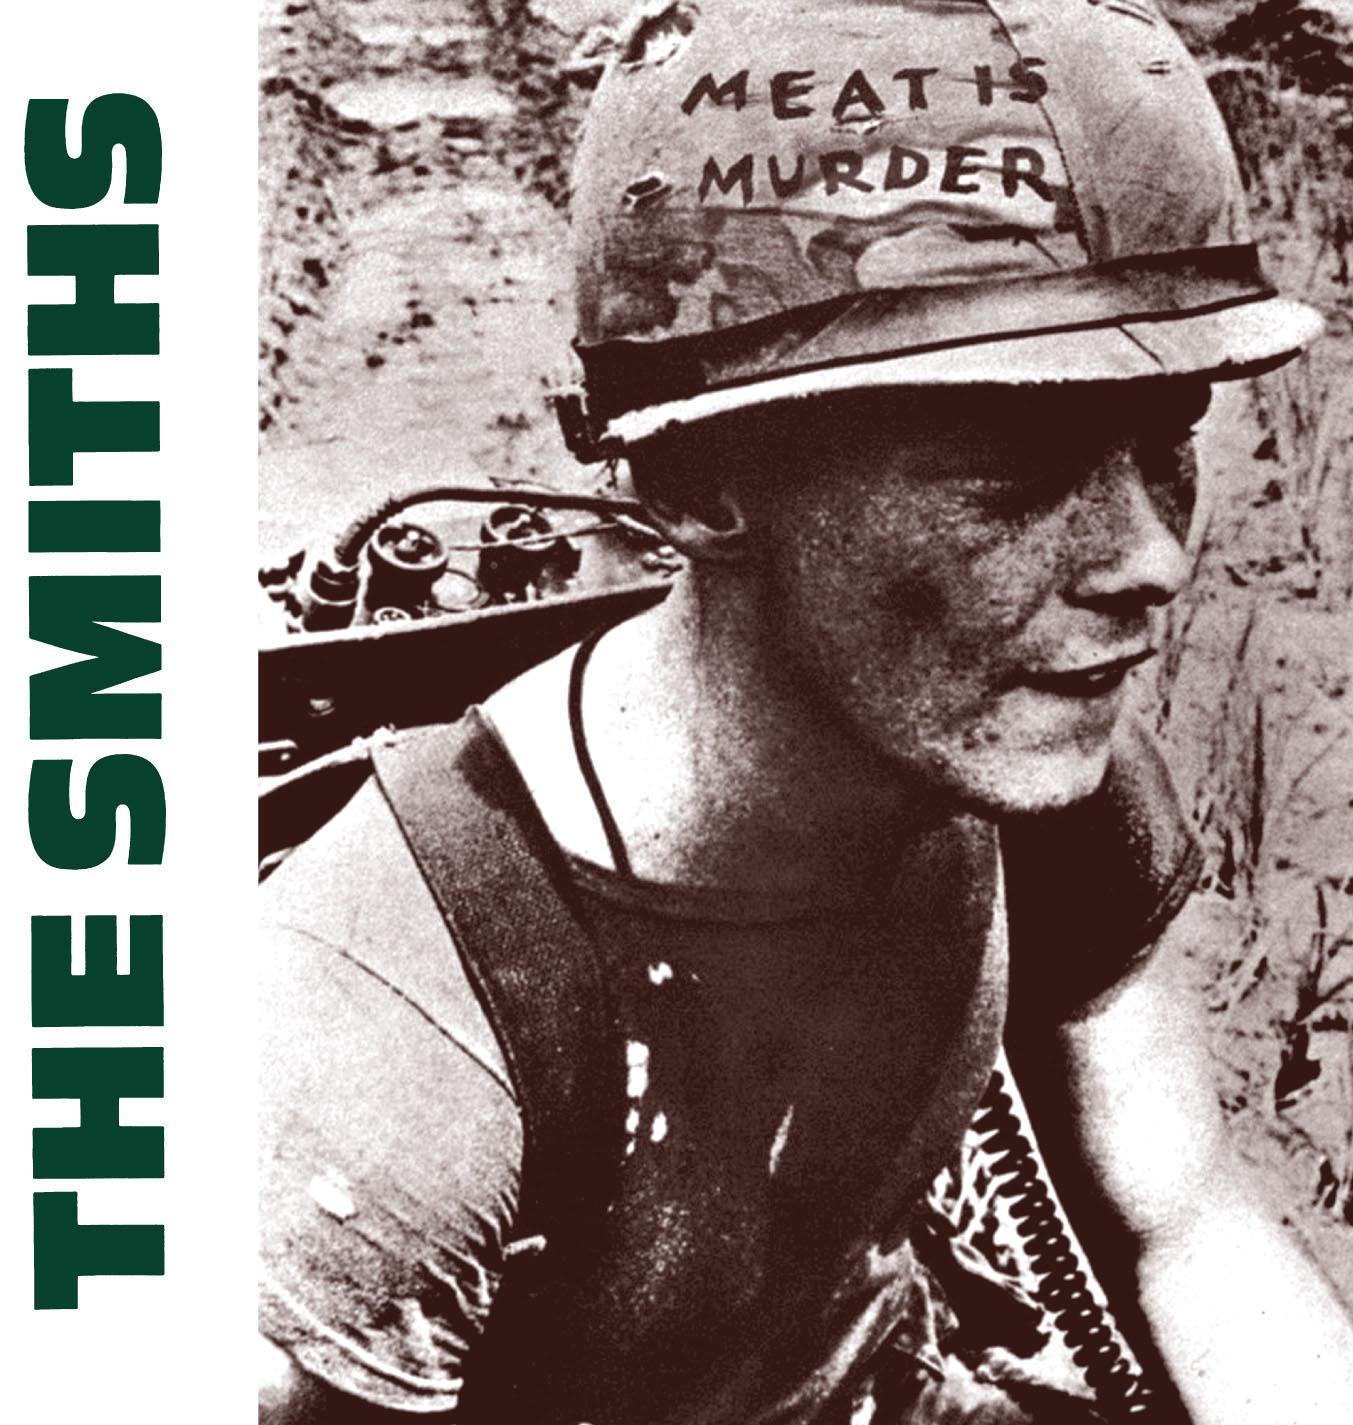 Smiths%20-%20Meat%20Is%20Murder.jpg